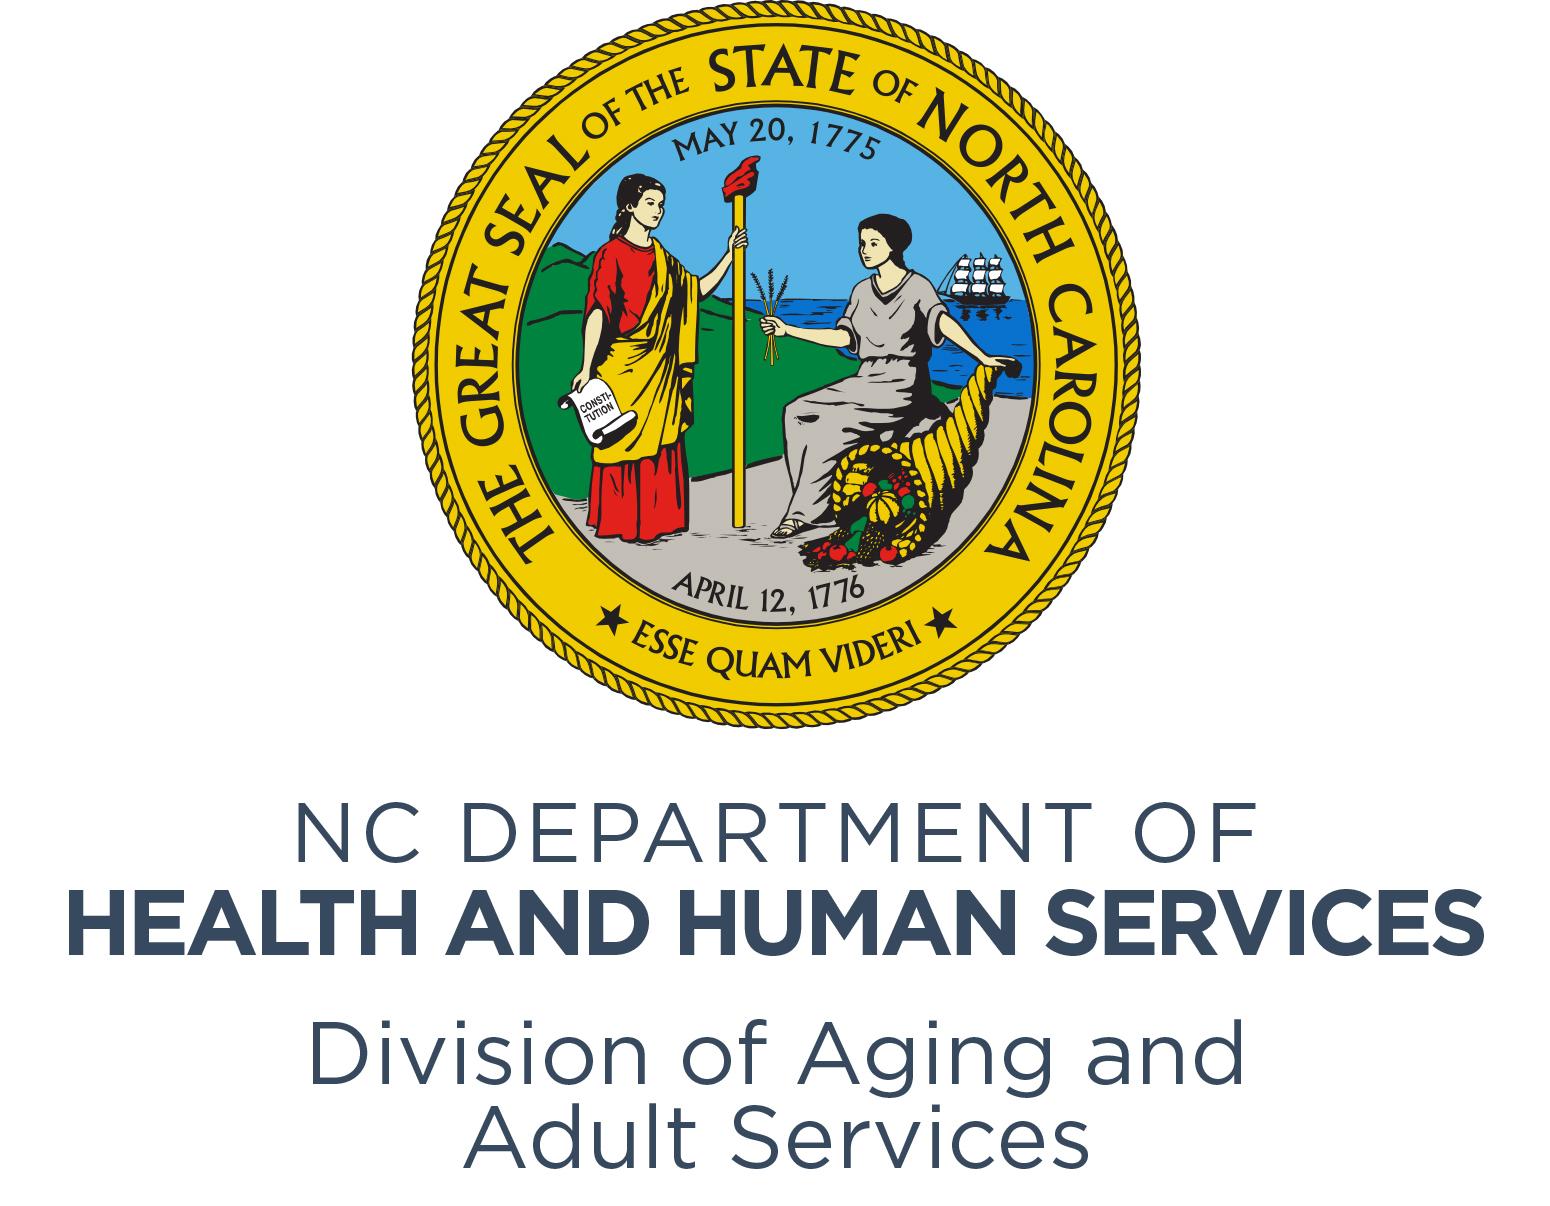 NCDHHS-seal-AAD-vert-RGB.jpg